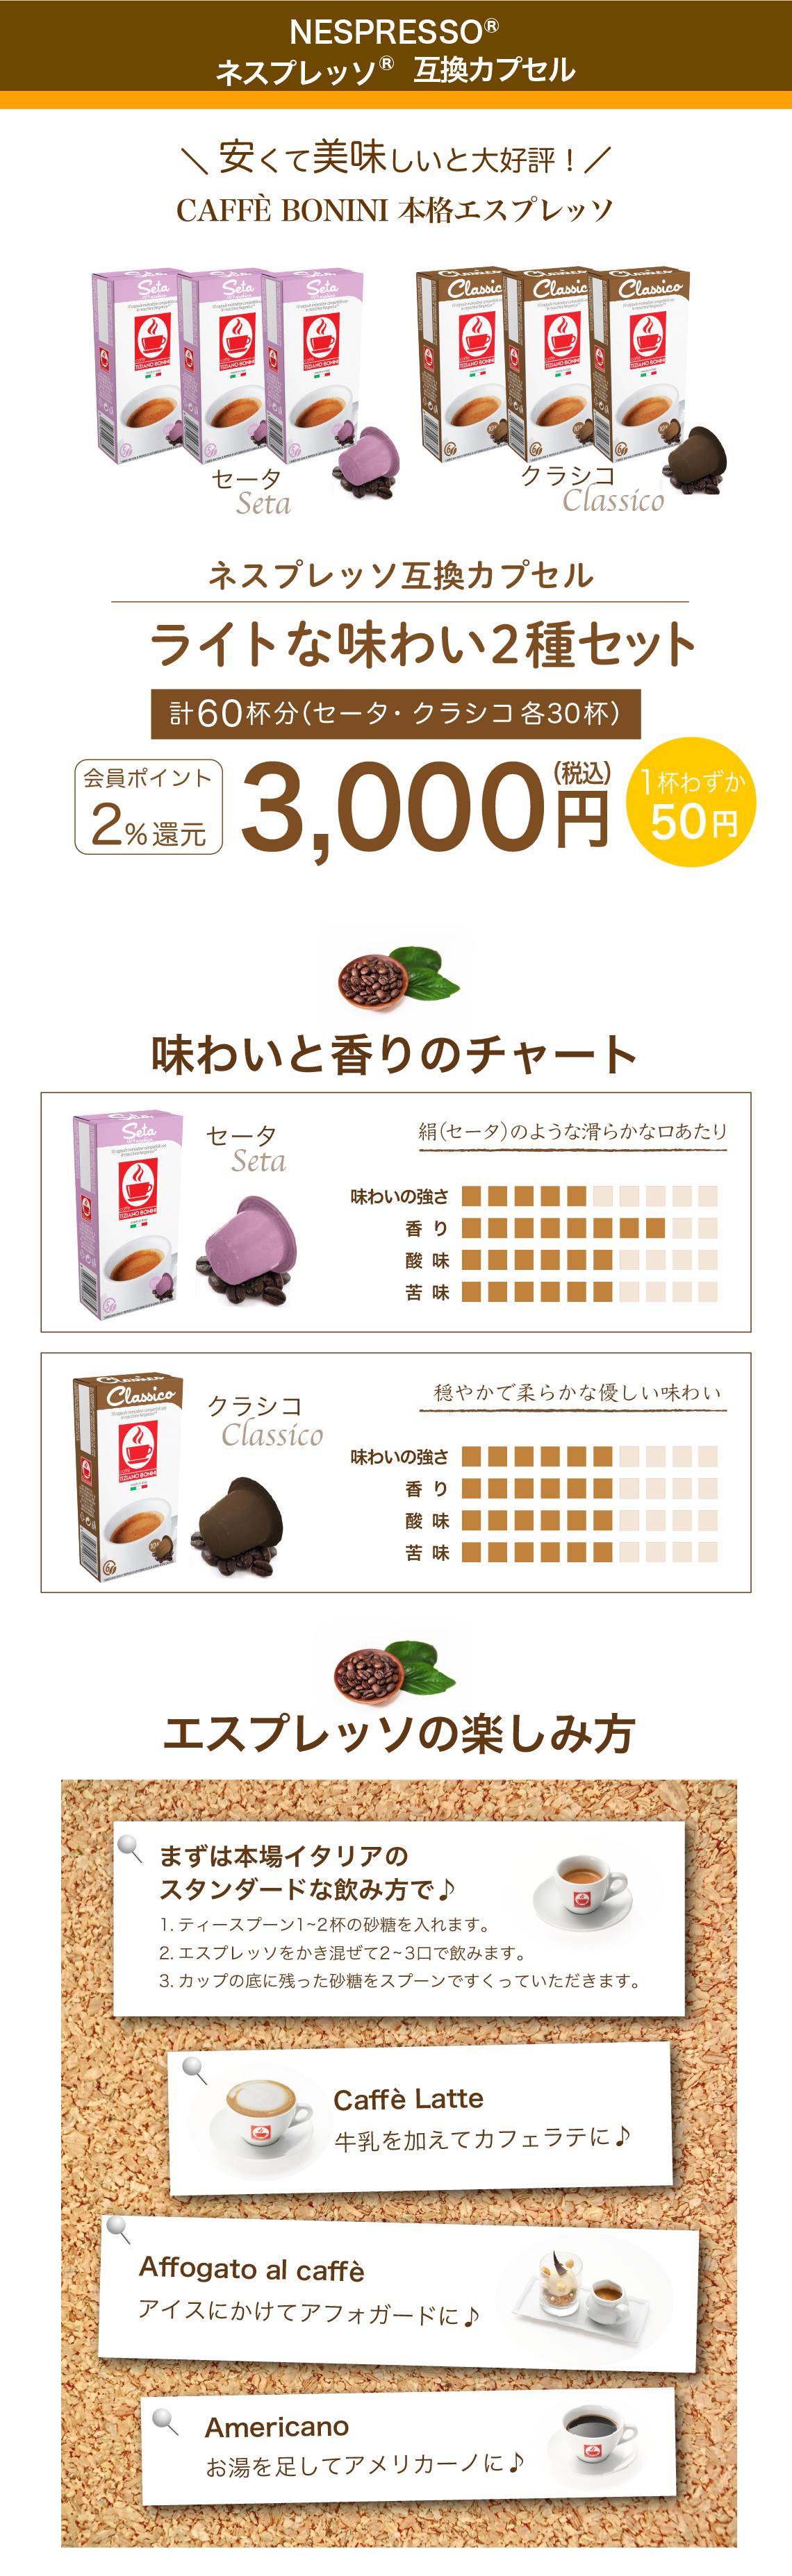 1杯わずか50円。ネスプレッソ互換カプセル。ライトな味わい2種6箱セット60杯分3,000円